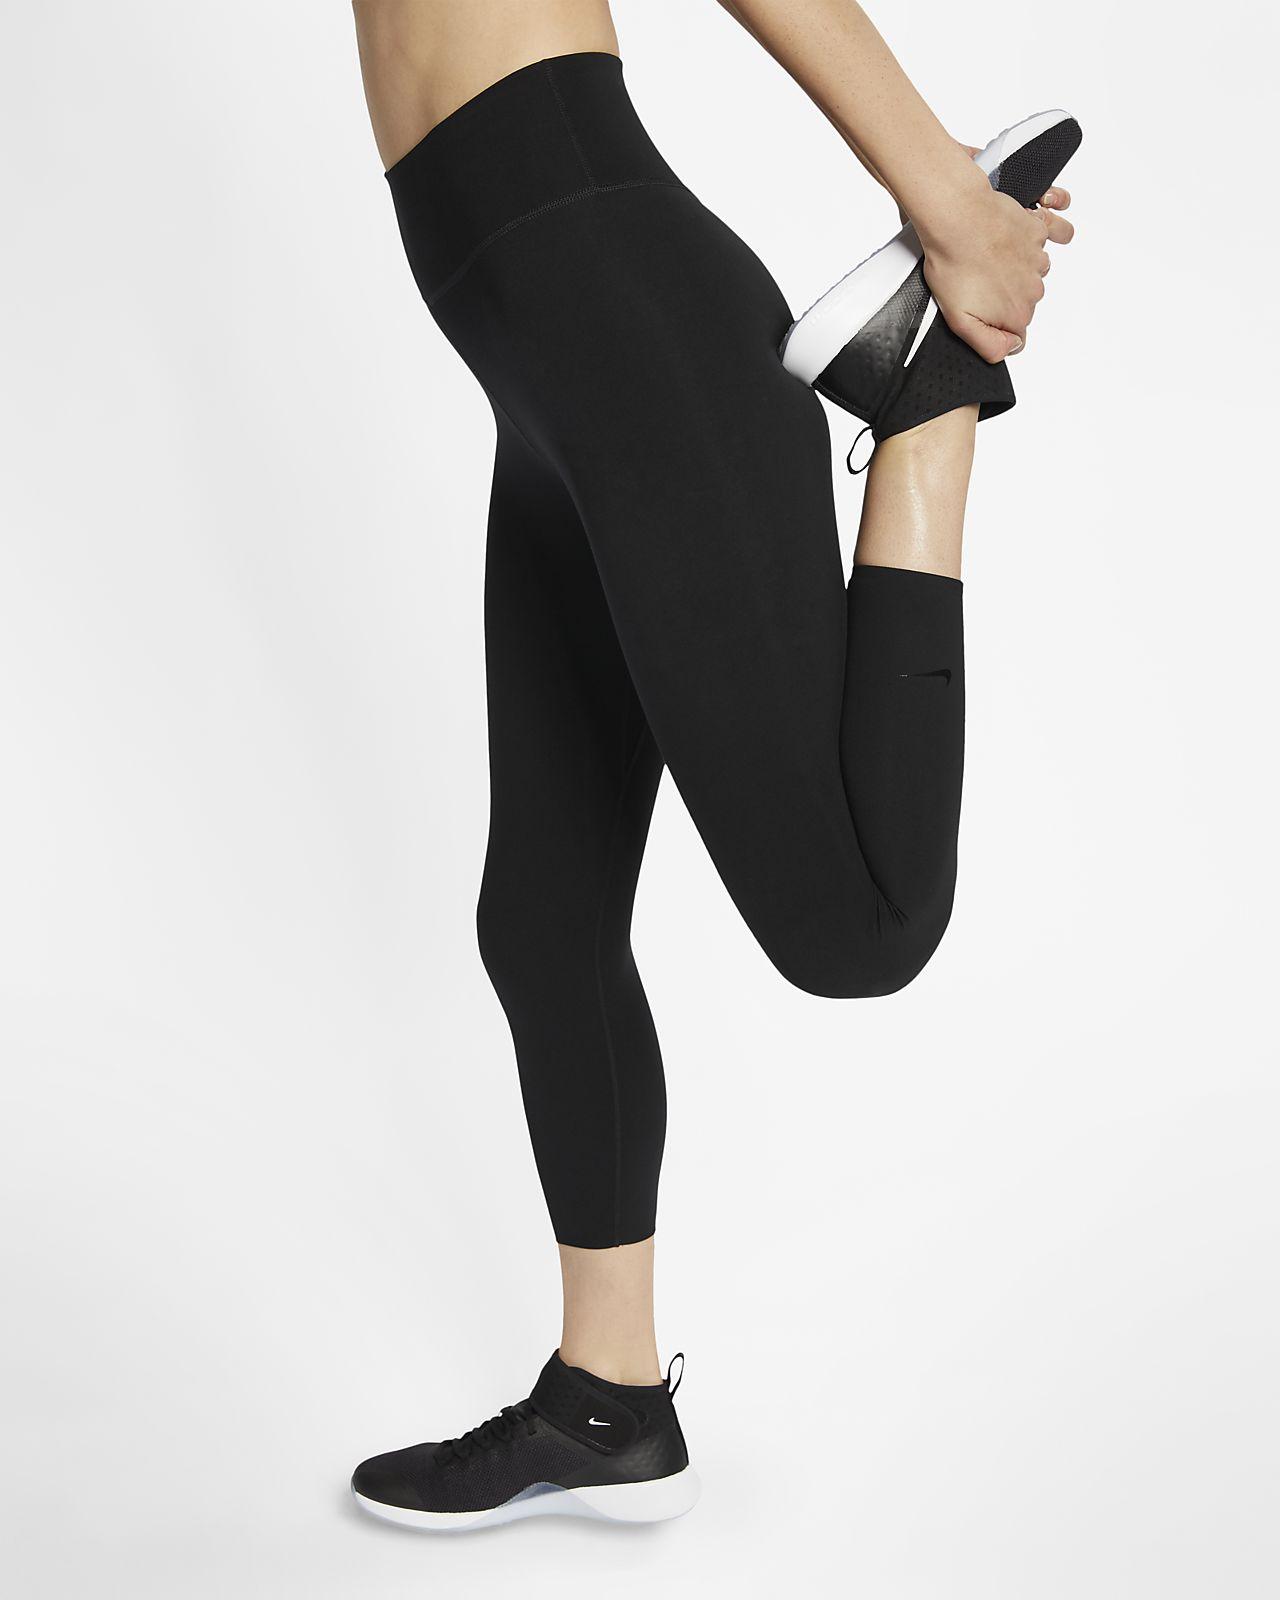 กางเกงเทรนนิ่ง 5 ส่วนผู้หญิง Nike One Luxe